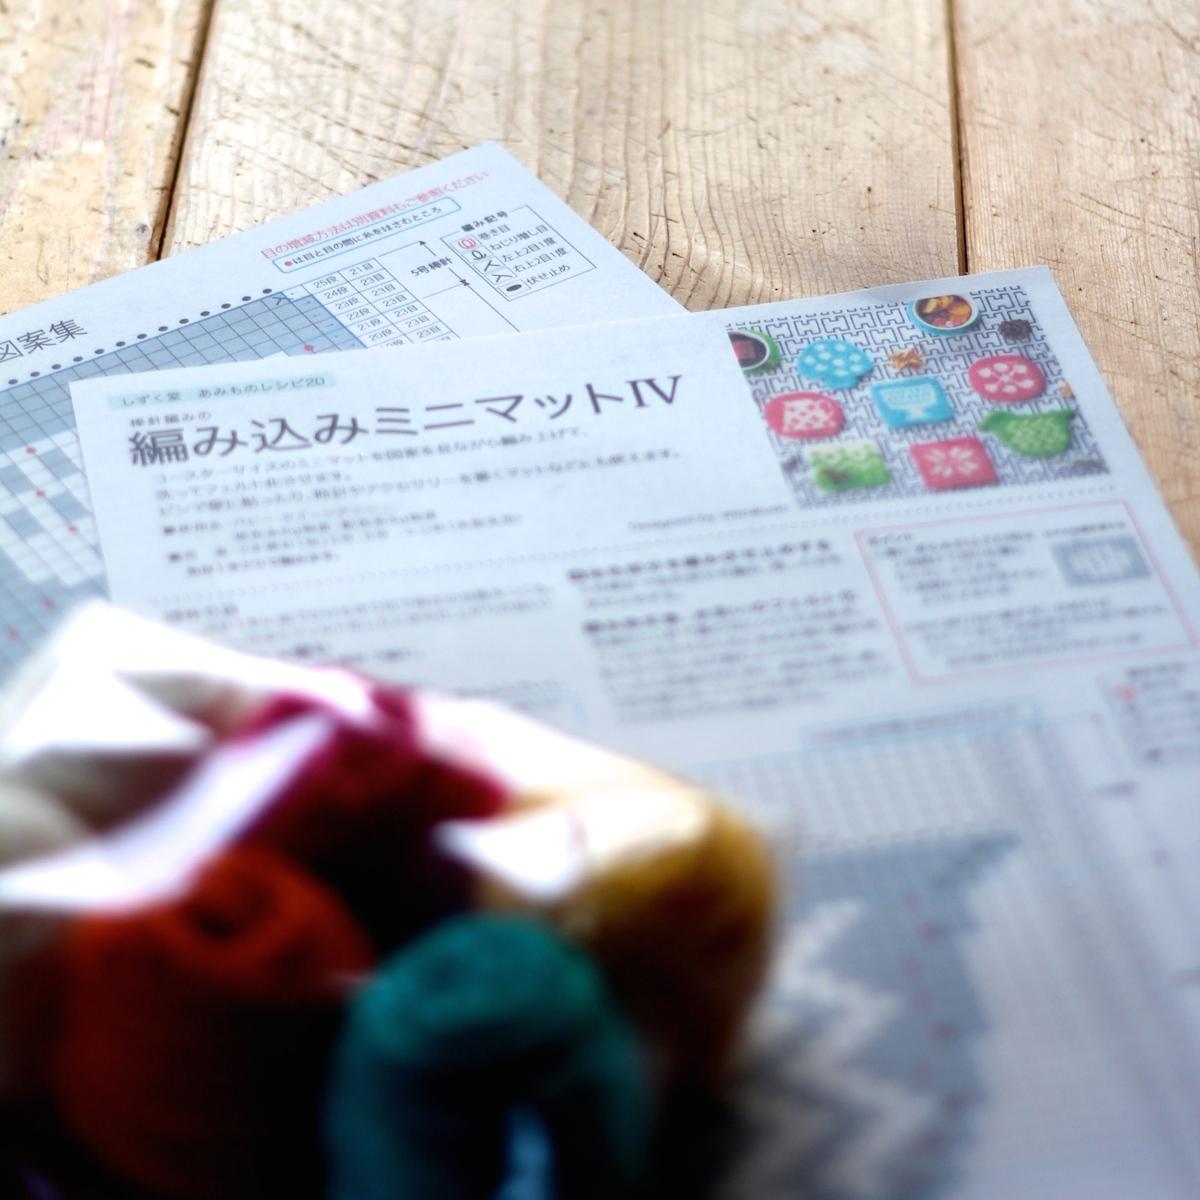 12/20しずく堂Store@fukuya販売予定品の詳細【2】_a0157701_12372597.jpg